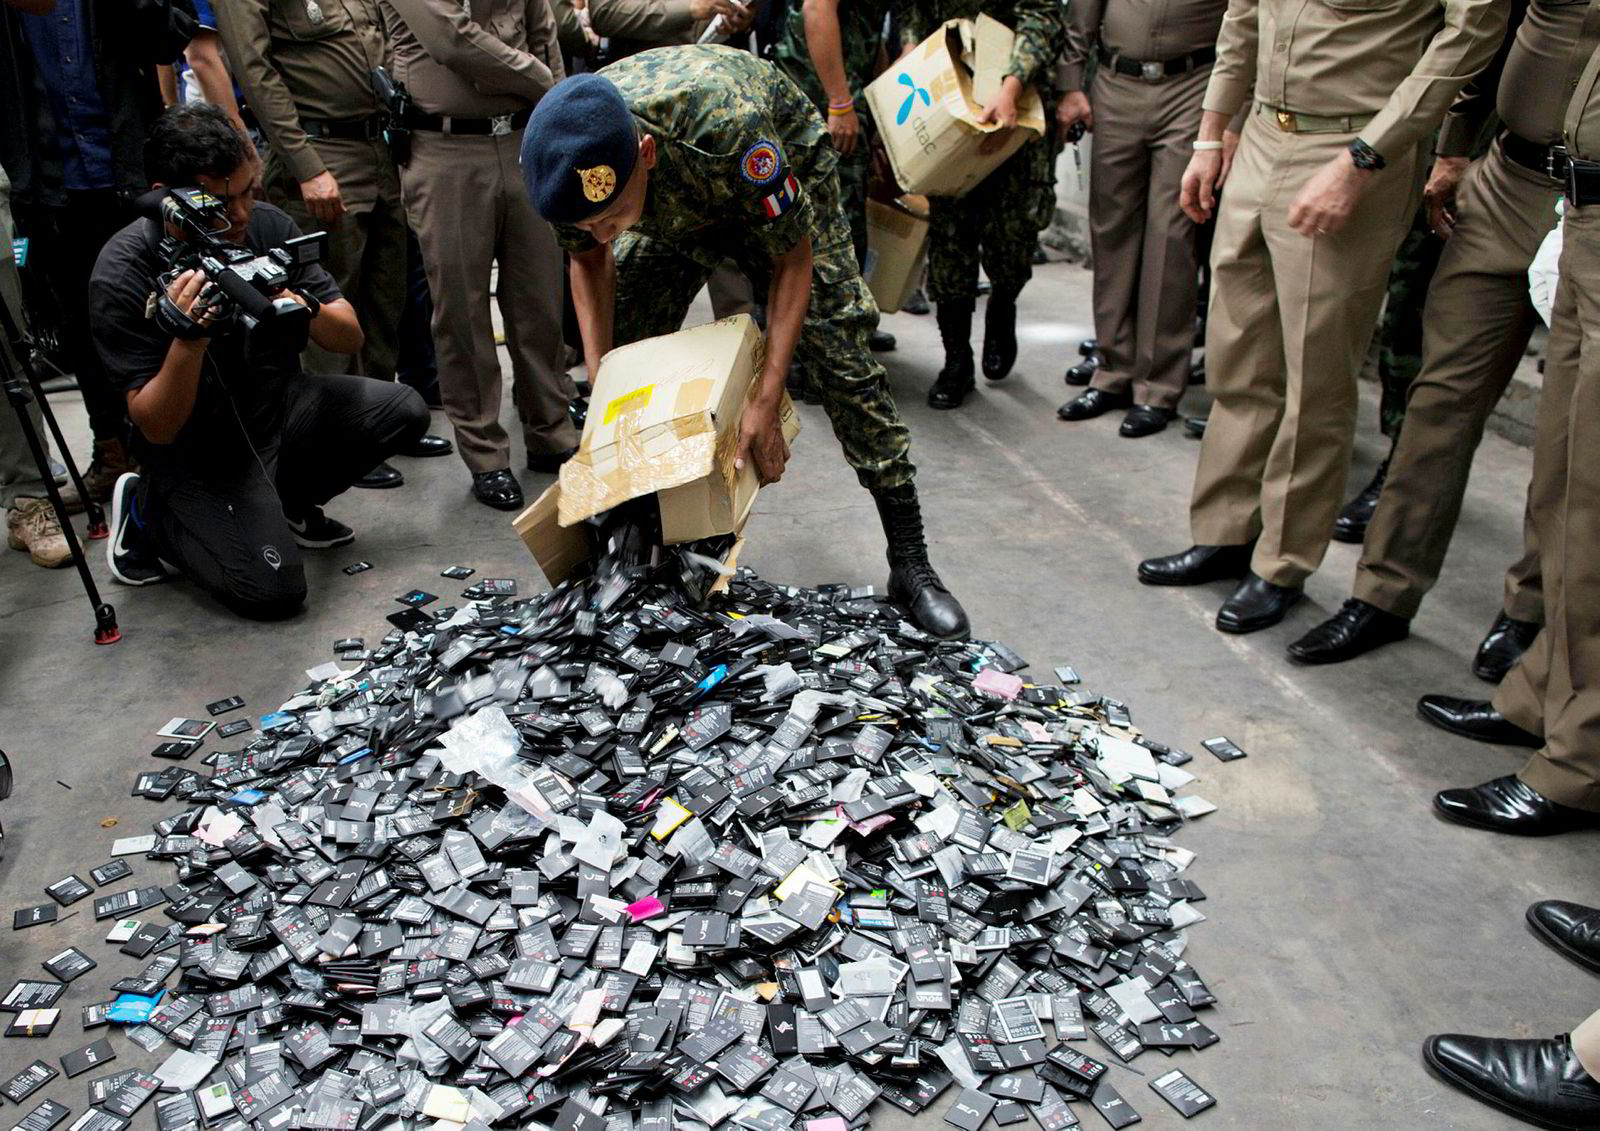 Myndighetene i Thailand vurderer et totalforbud på import av elektronisk avfall. Her fra en fabrikk som er beskyldt for å importere elektronisk avfall i Bangkok.